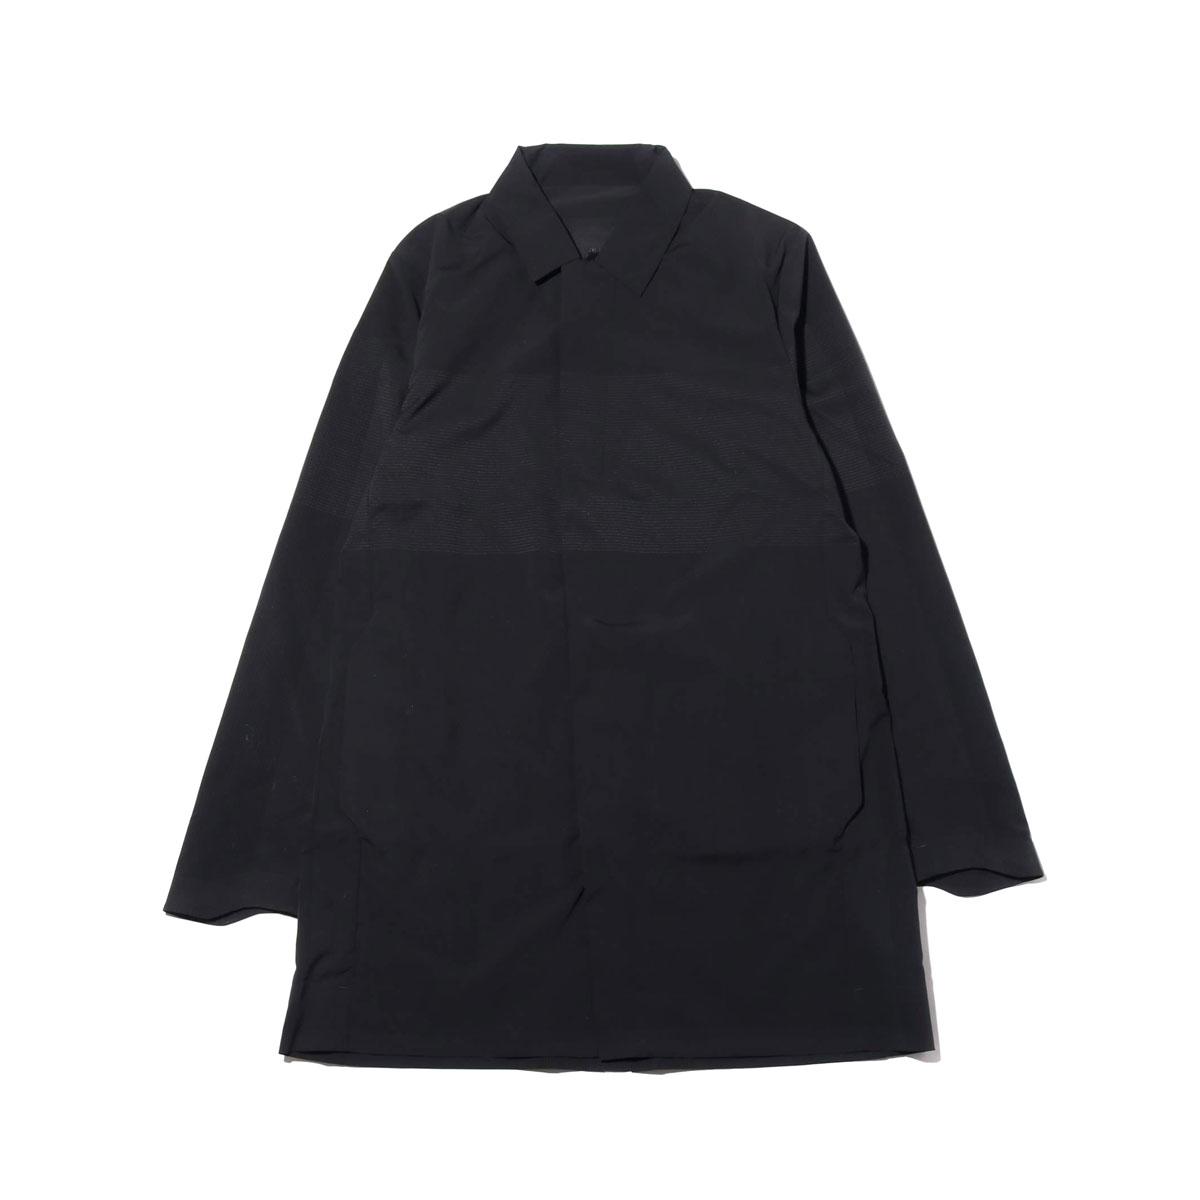 DESCENTE ALLTERRAIN SCHEMATECH AIR BAL COLLAR COAT(BLACK)(デサント オルテライン スキーマテックエアー バルカラーコート)【メンズ】【コート】【19SP-I】